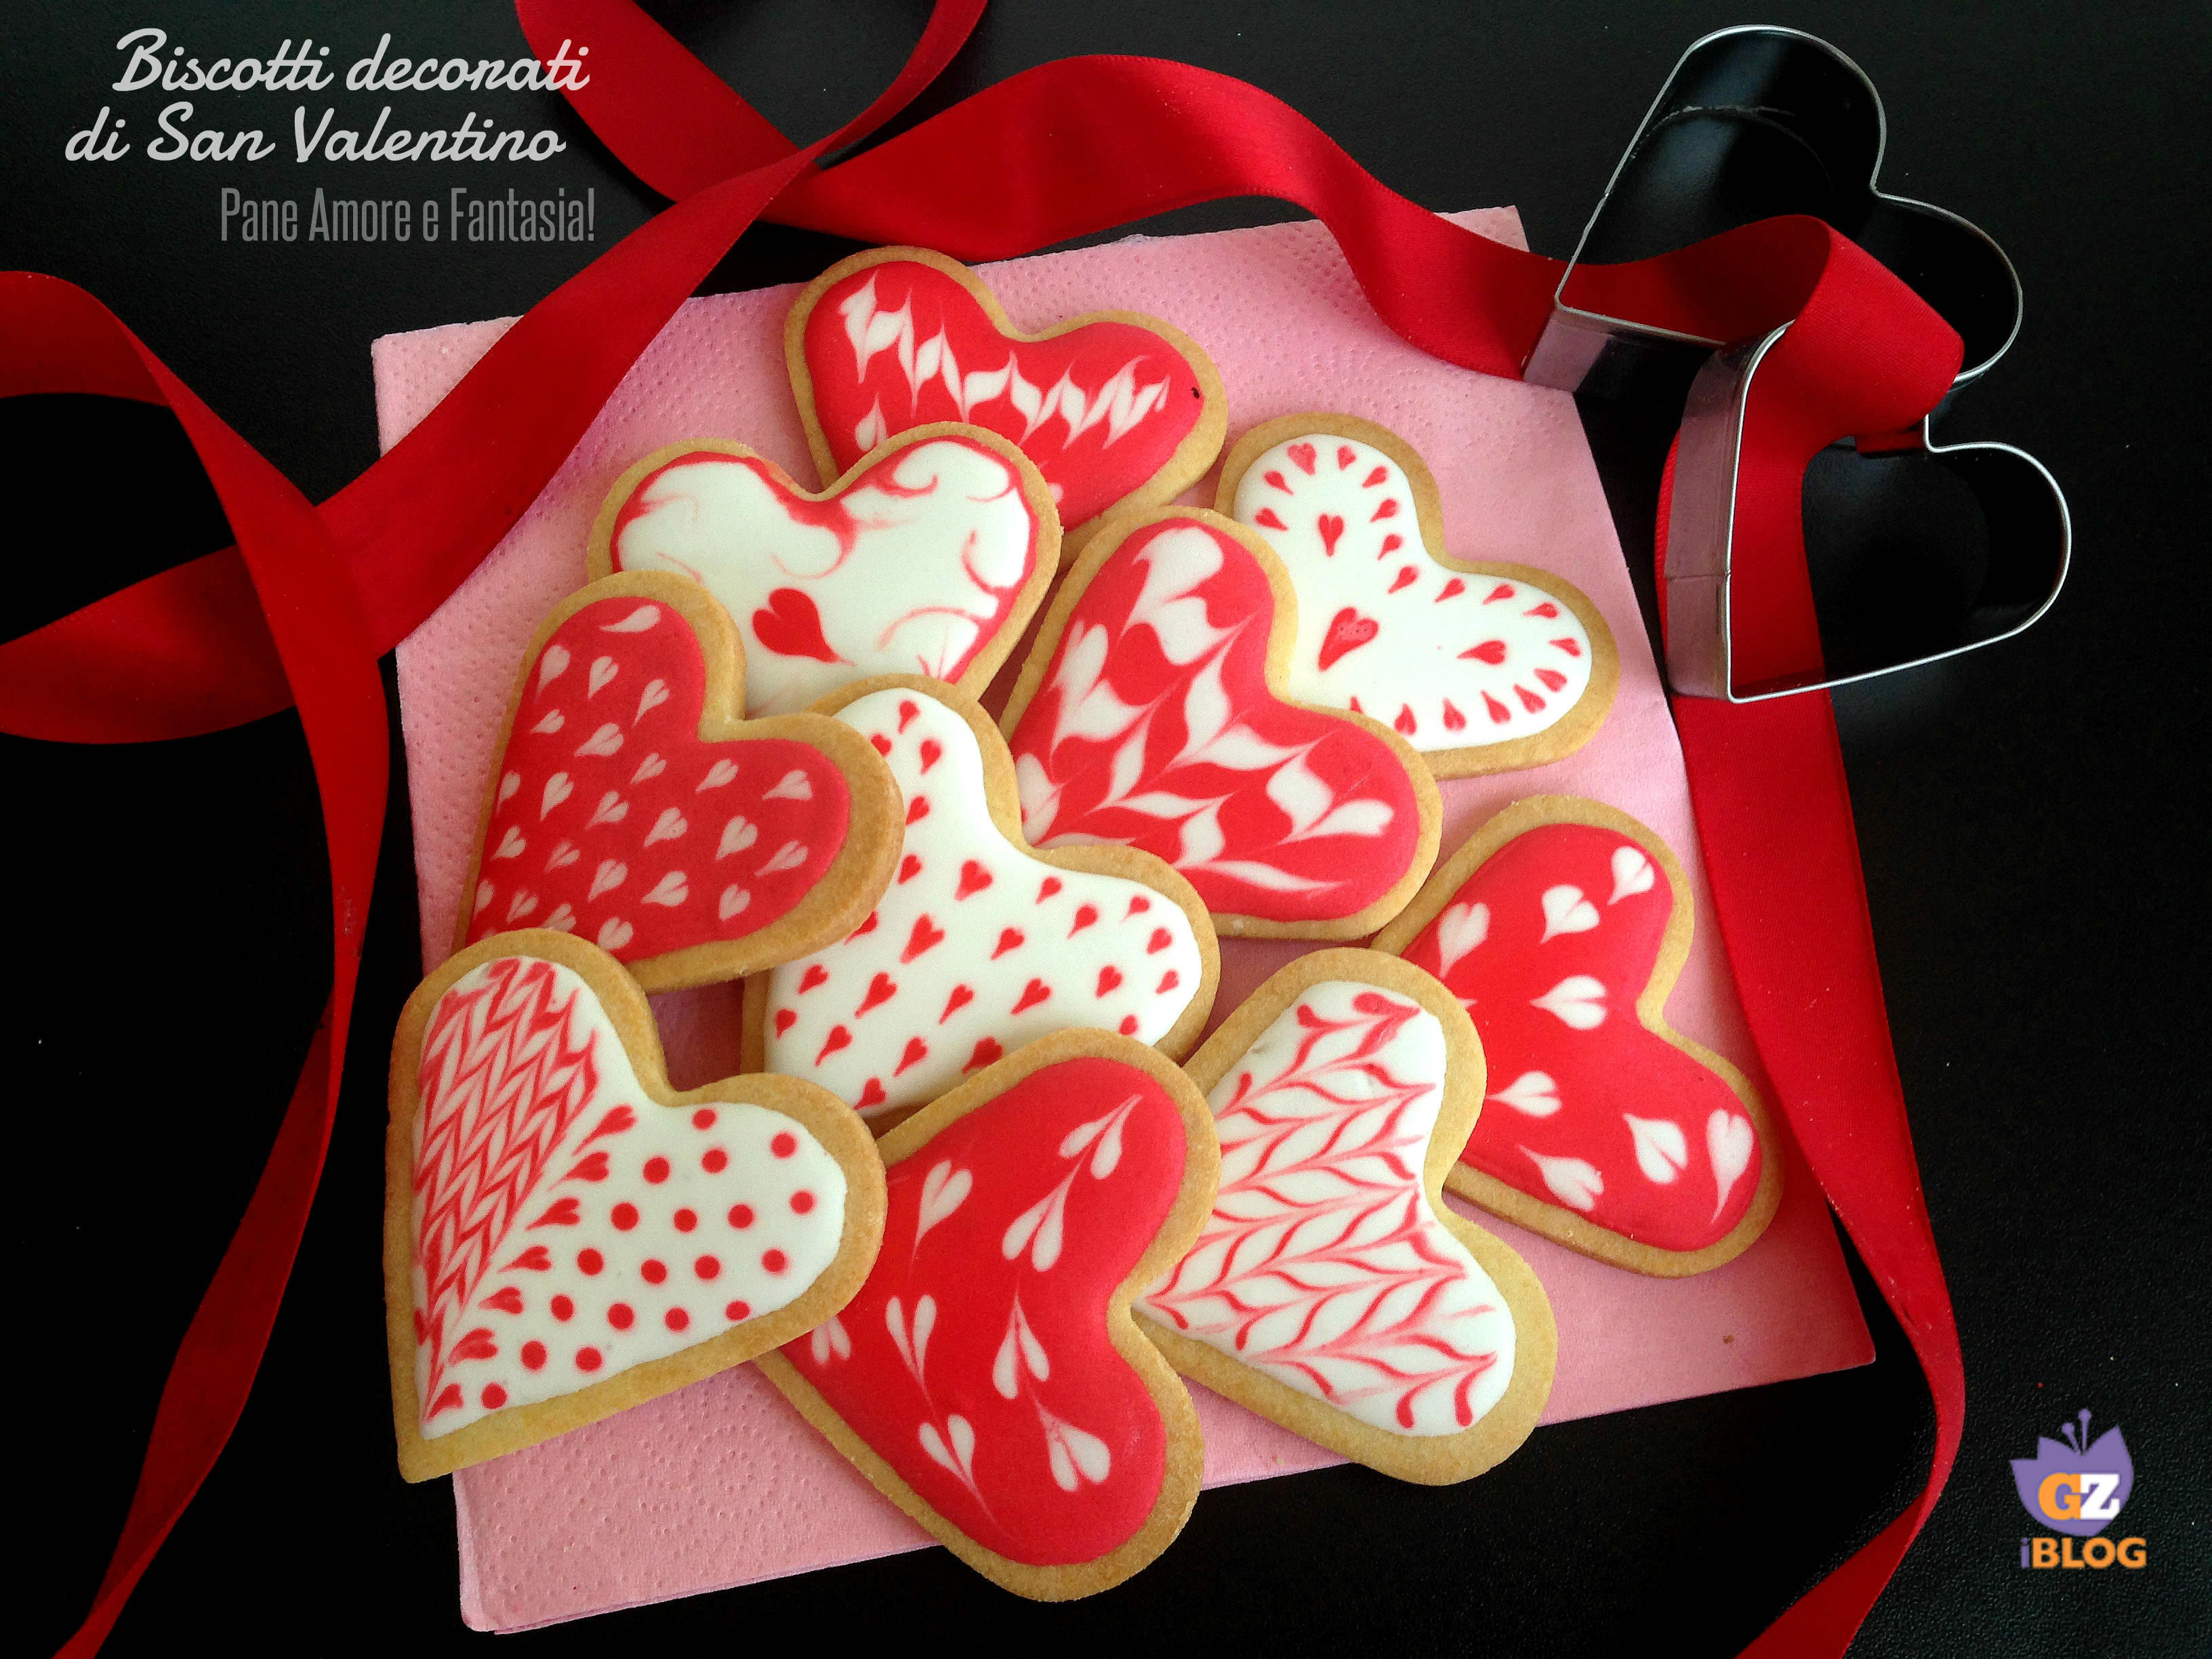 Biscotti di san valentino decorati pane amore e fantasia for Pensierini di san valentino